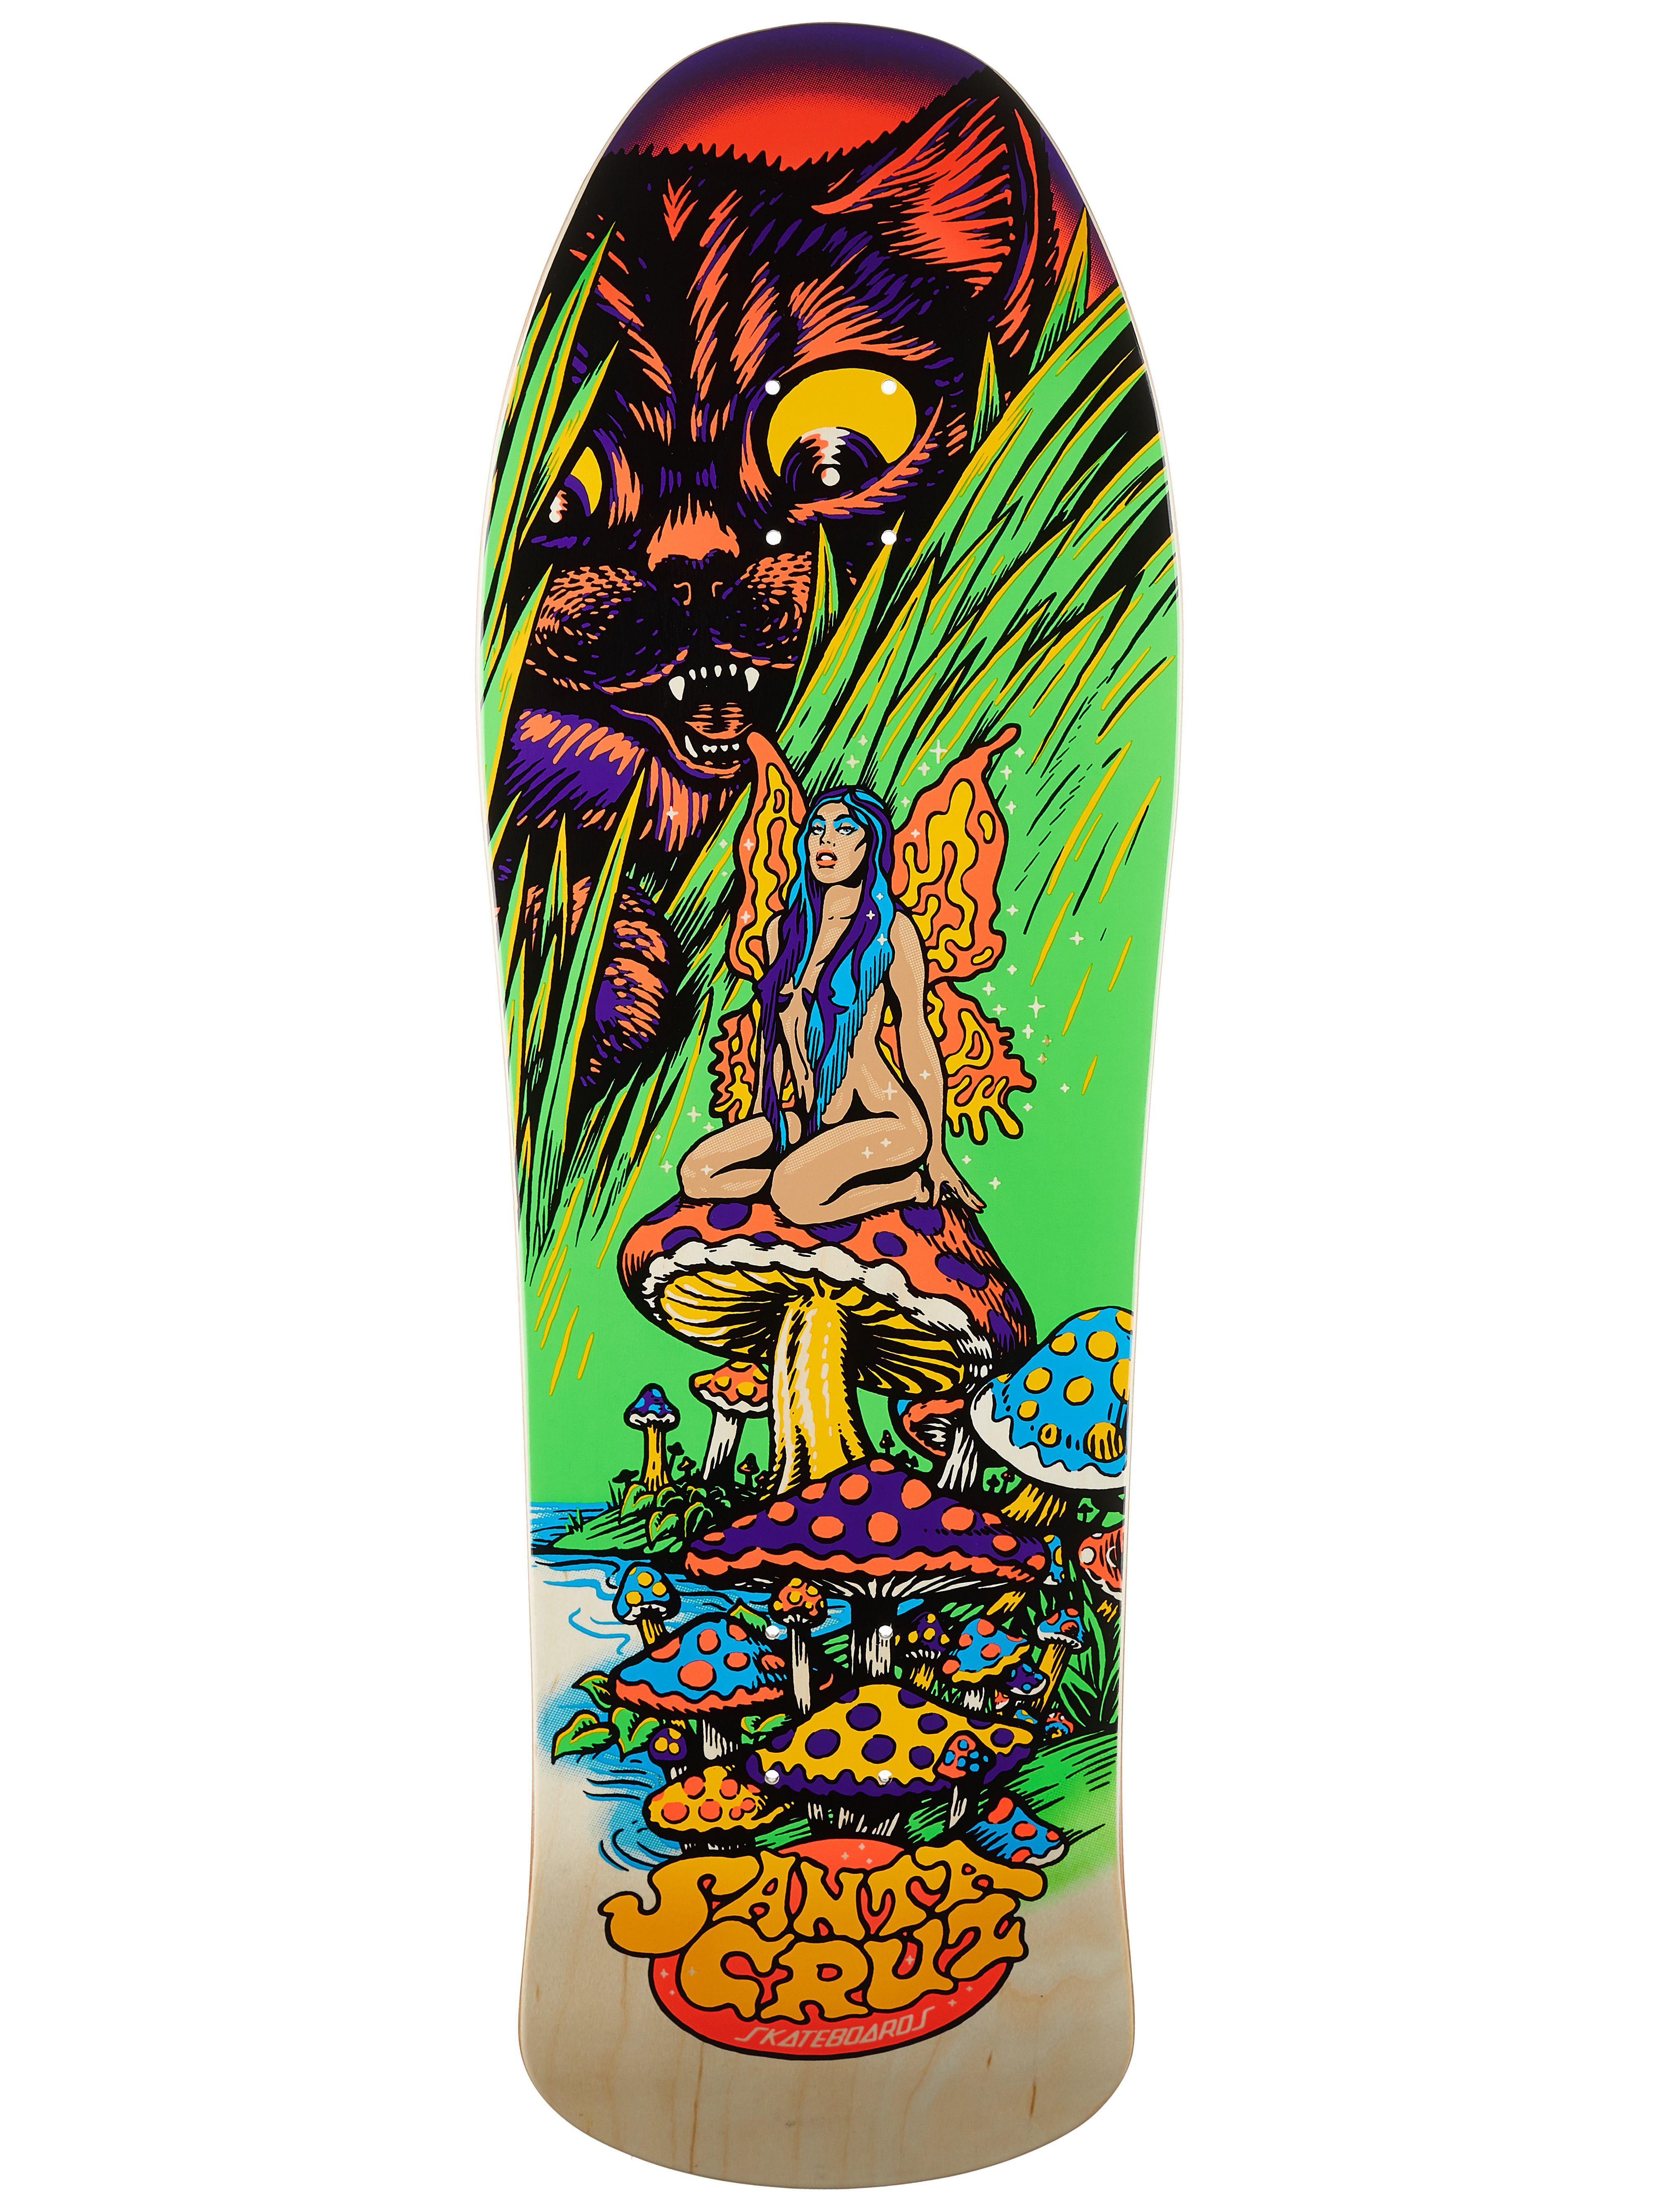 Pin by Mike Lutz on Skate art Skateboard art, Skateboard